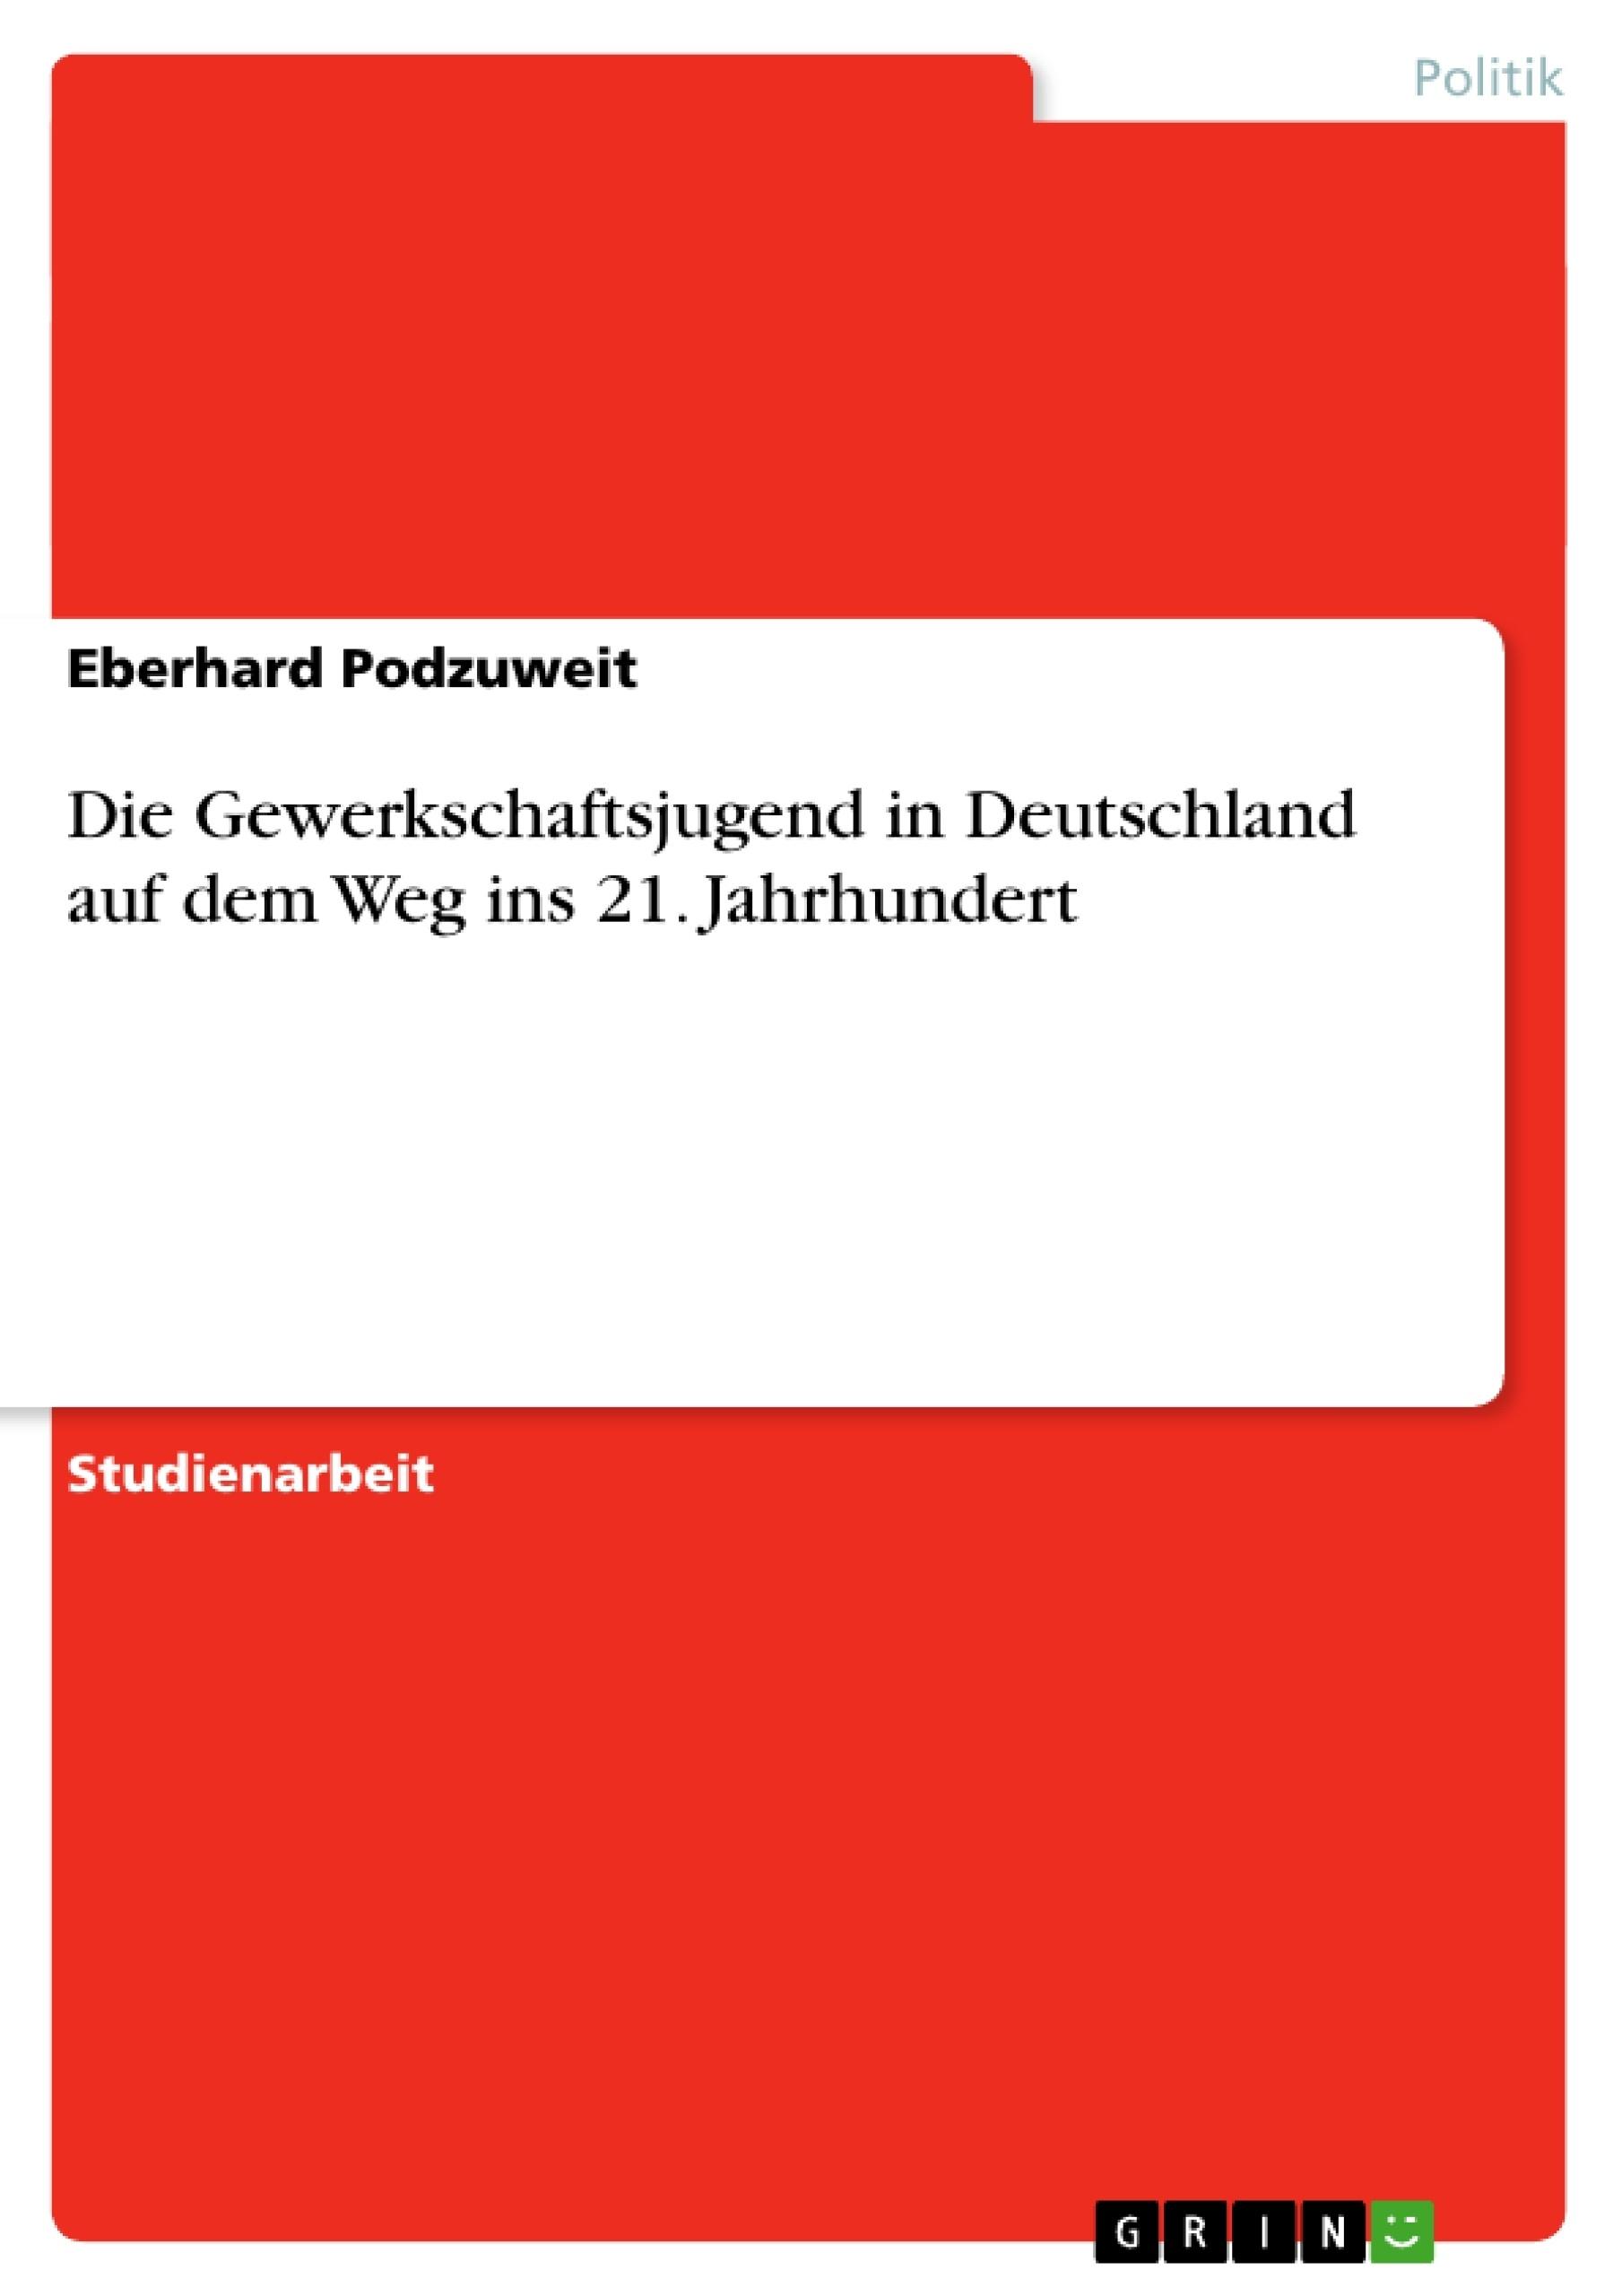 Titel: Die Gewerkschaftsjugend in Deutschland auf dem Weg ins 21. Jahrhundert